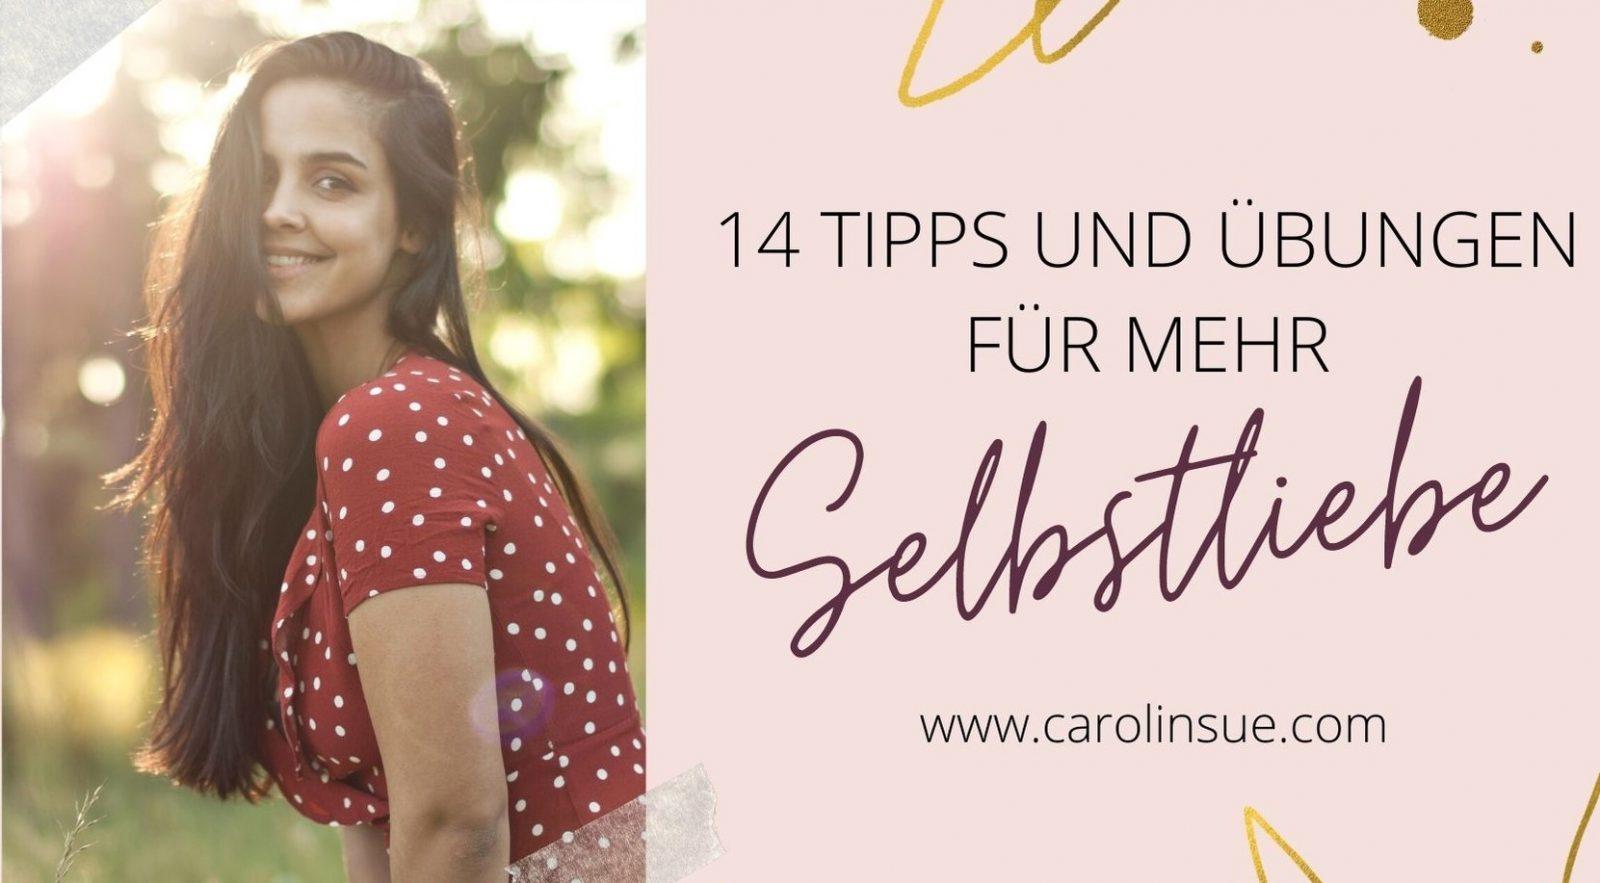 Mehr Selbstliebe – 14 Tipps & Übungen, wie du lernst dich selbst zu lieben